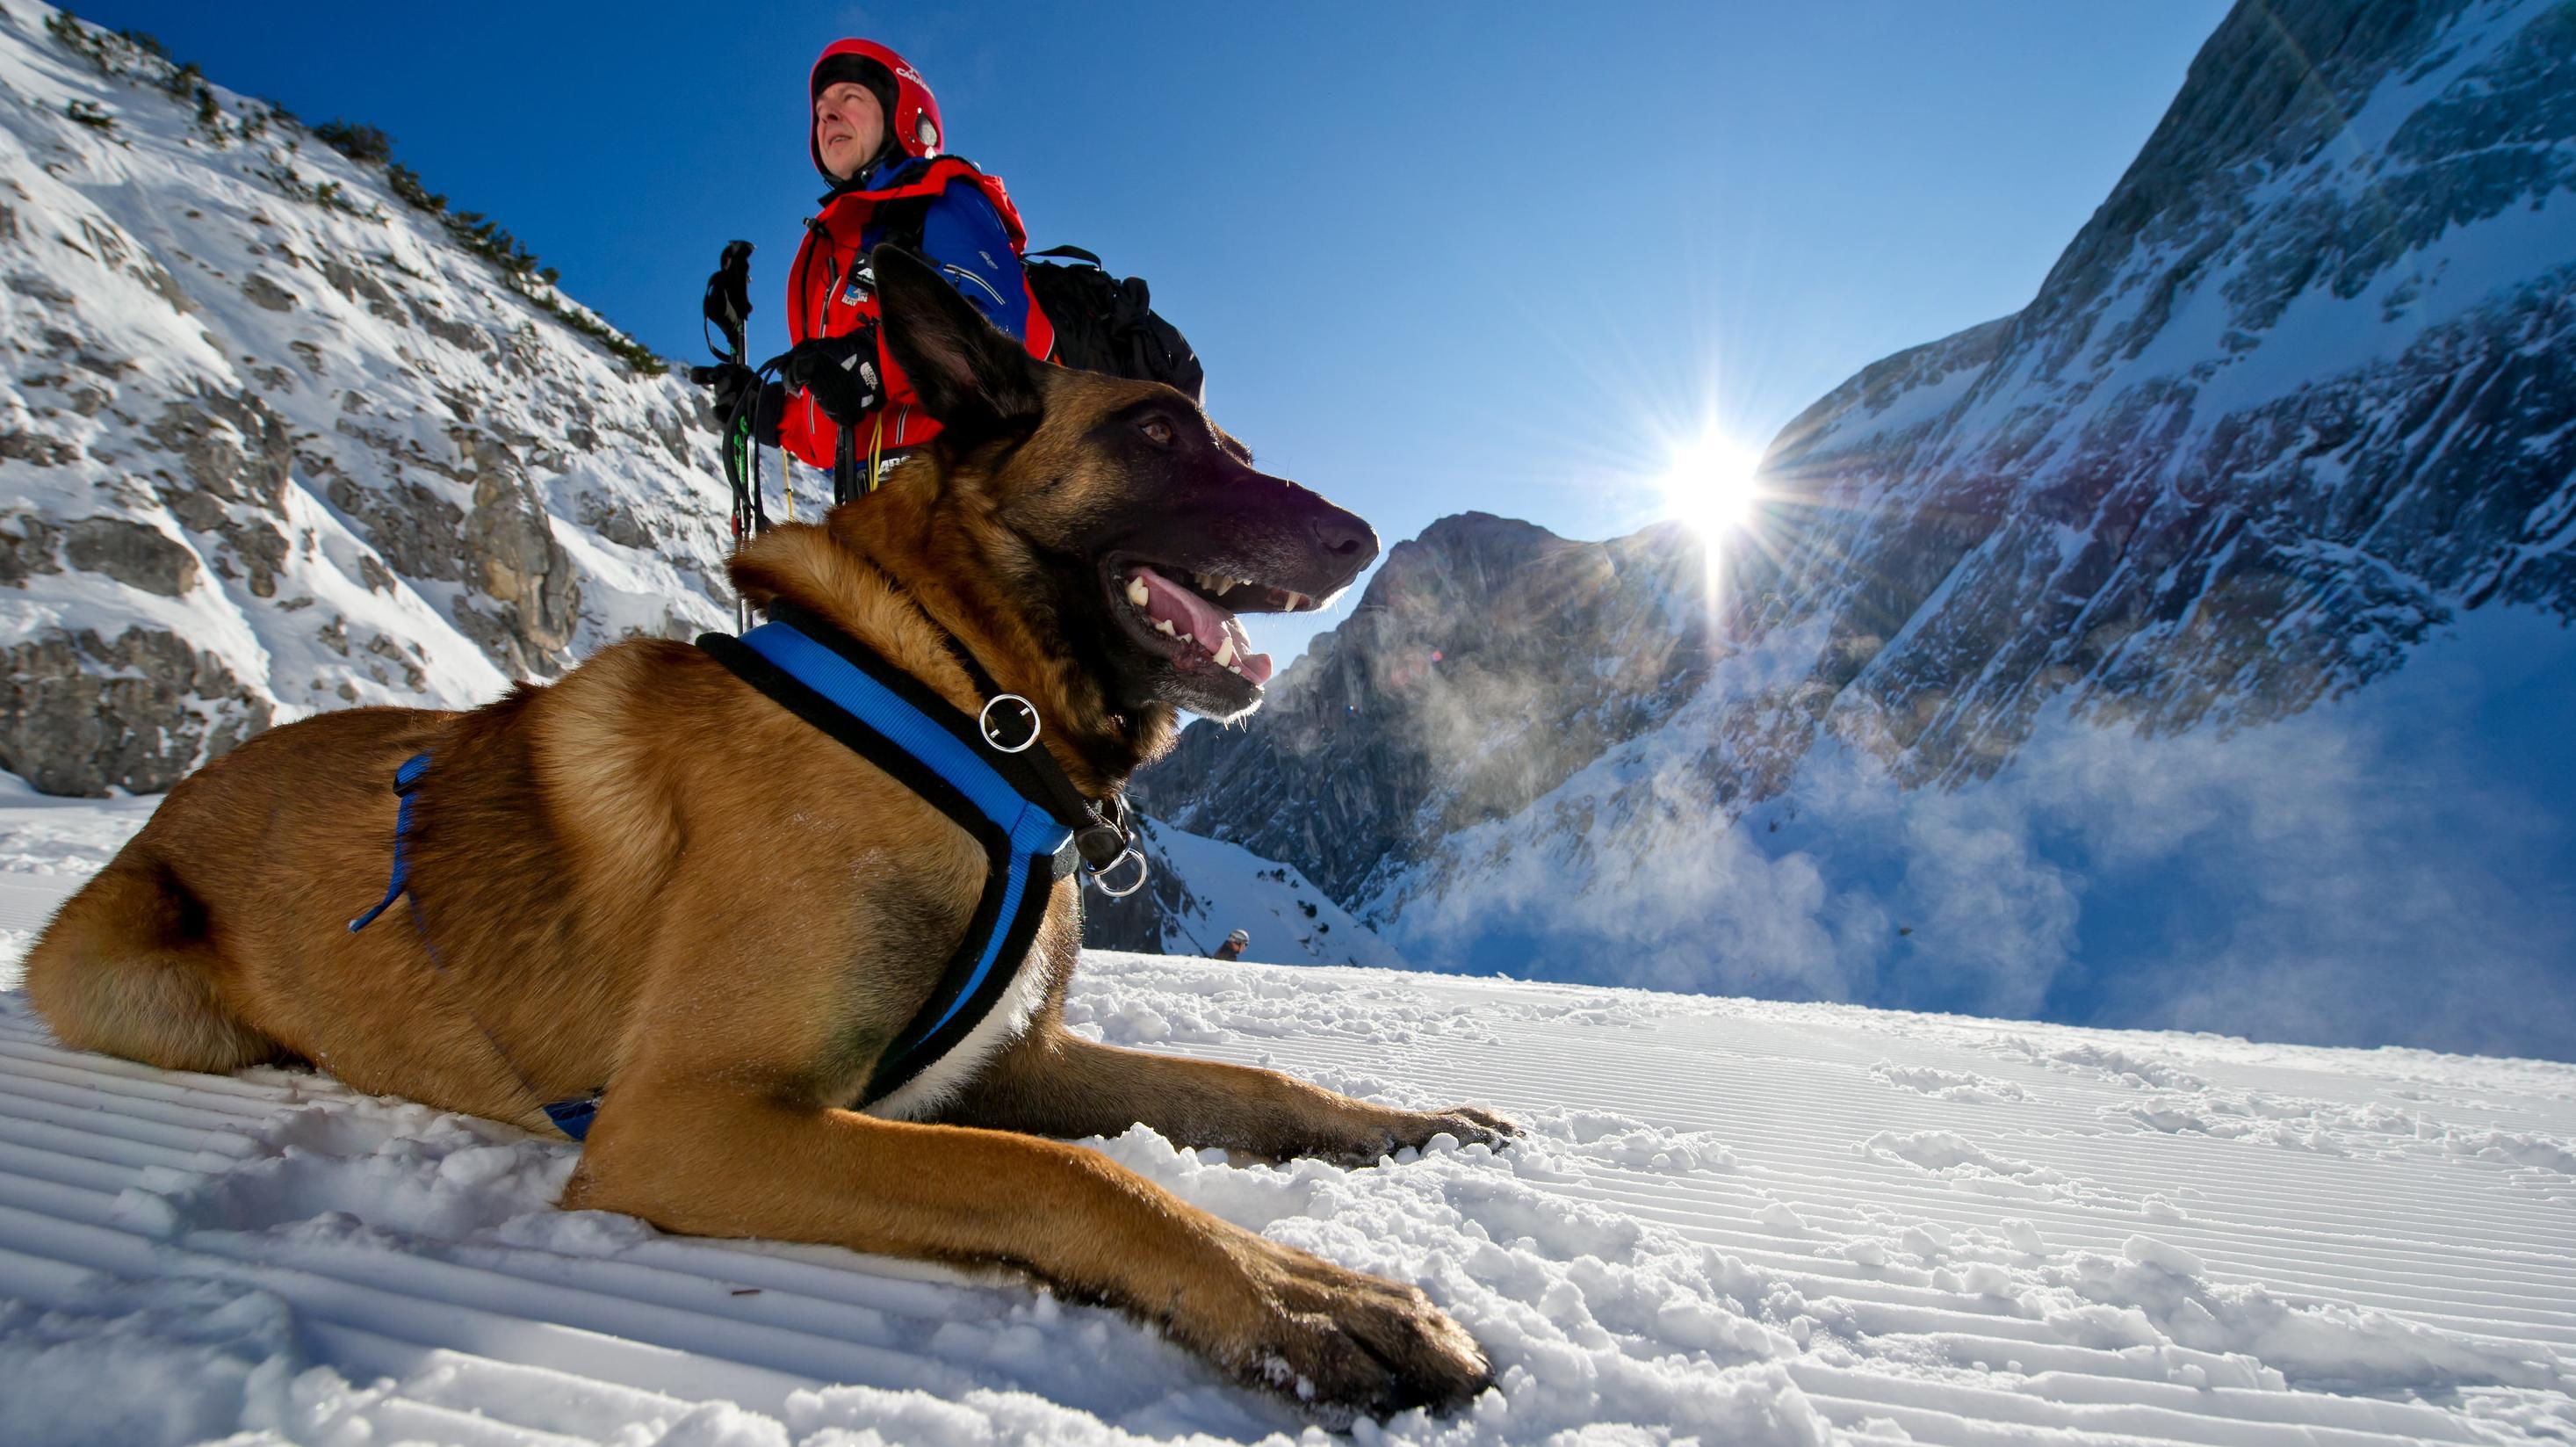 Lawinensuchhund in Bayerischen Alpen